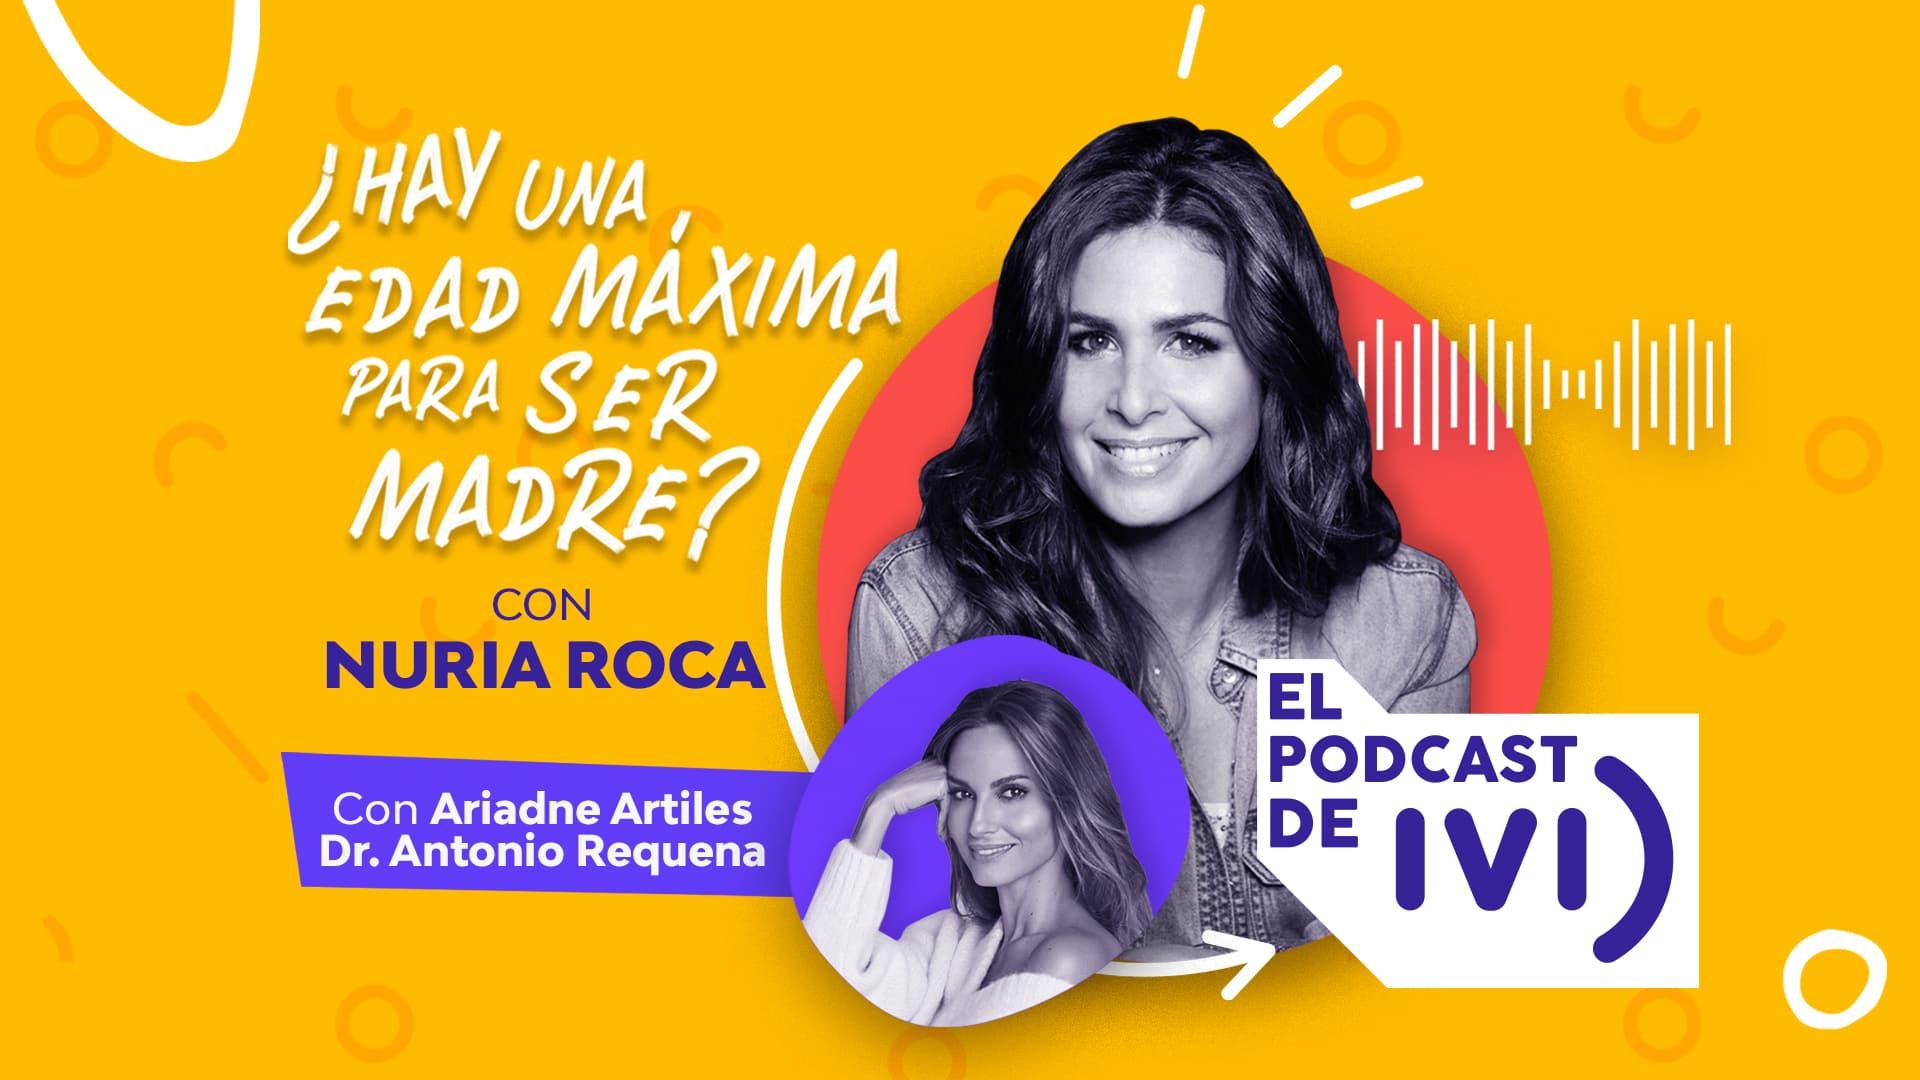 El podcast de IVI con Nuria Roca ep 01: ¿Hay una edad máxima para ser madre?